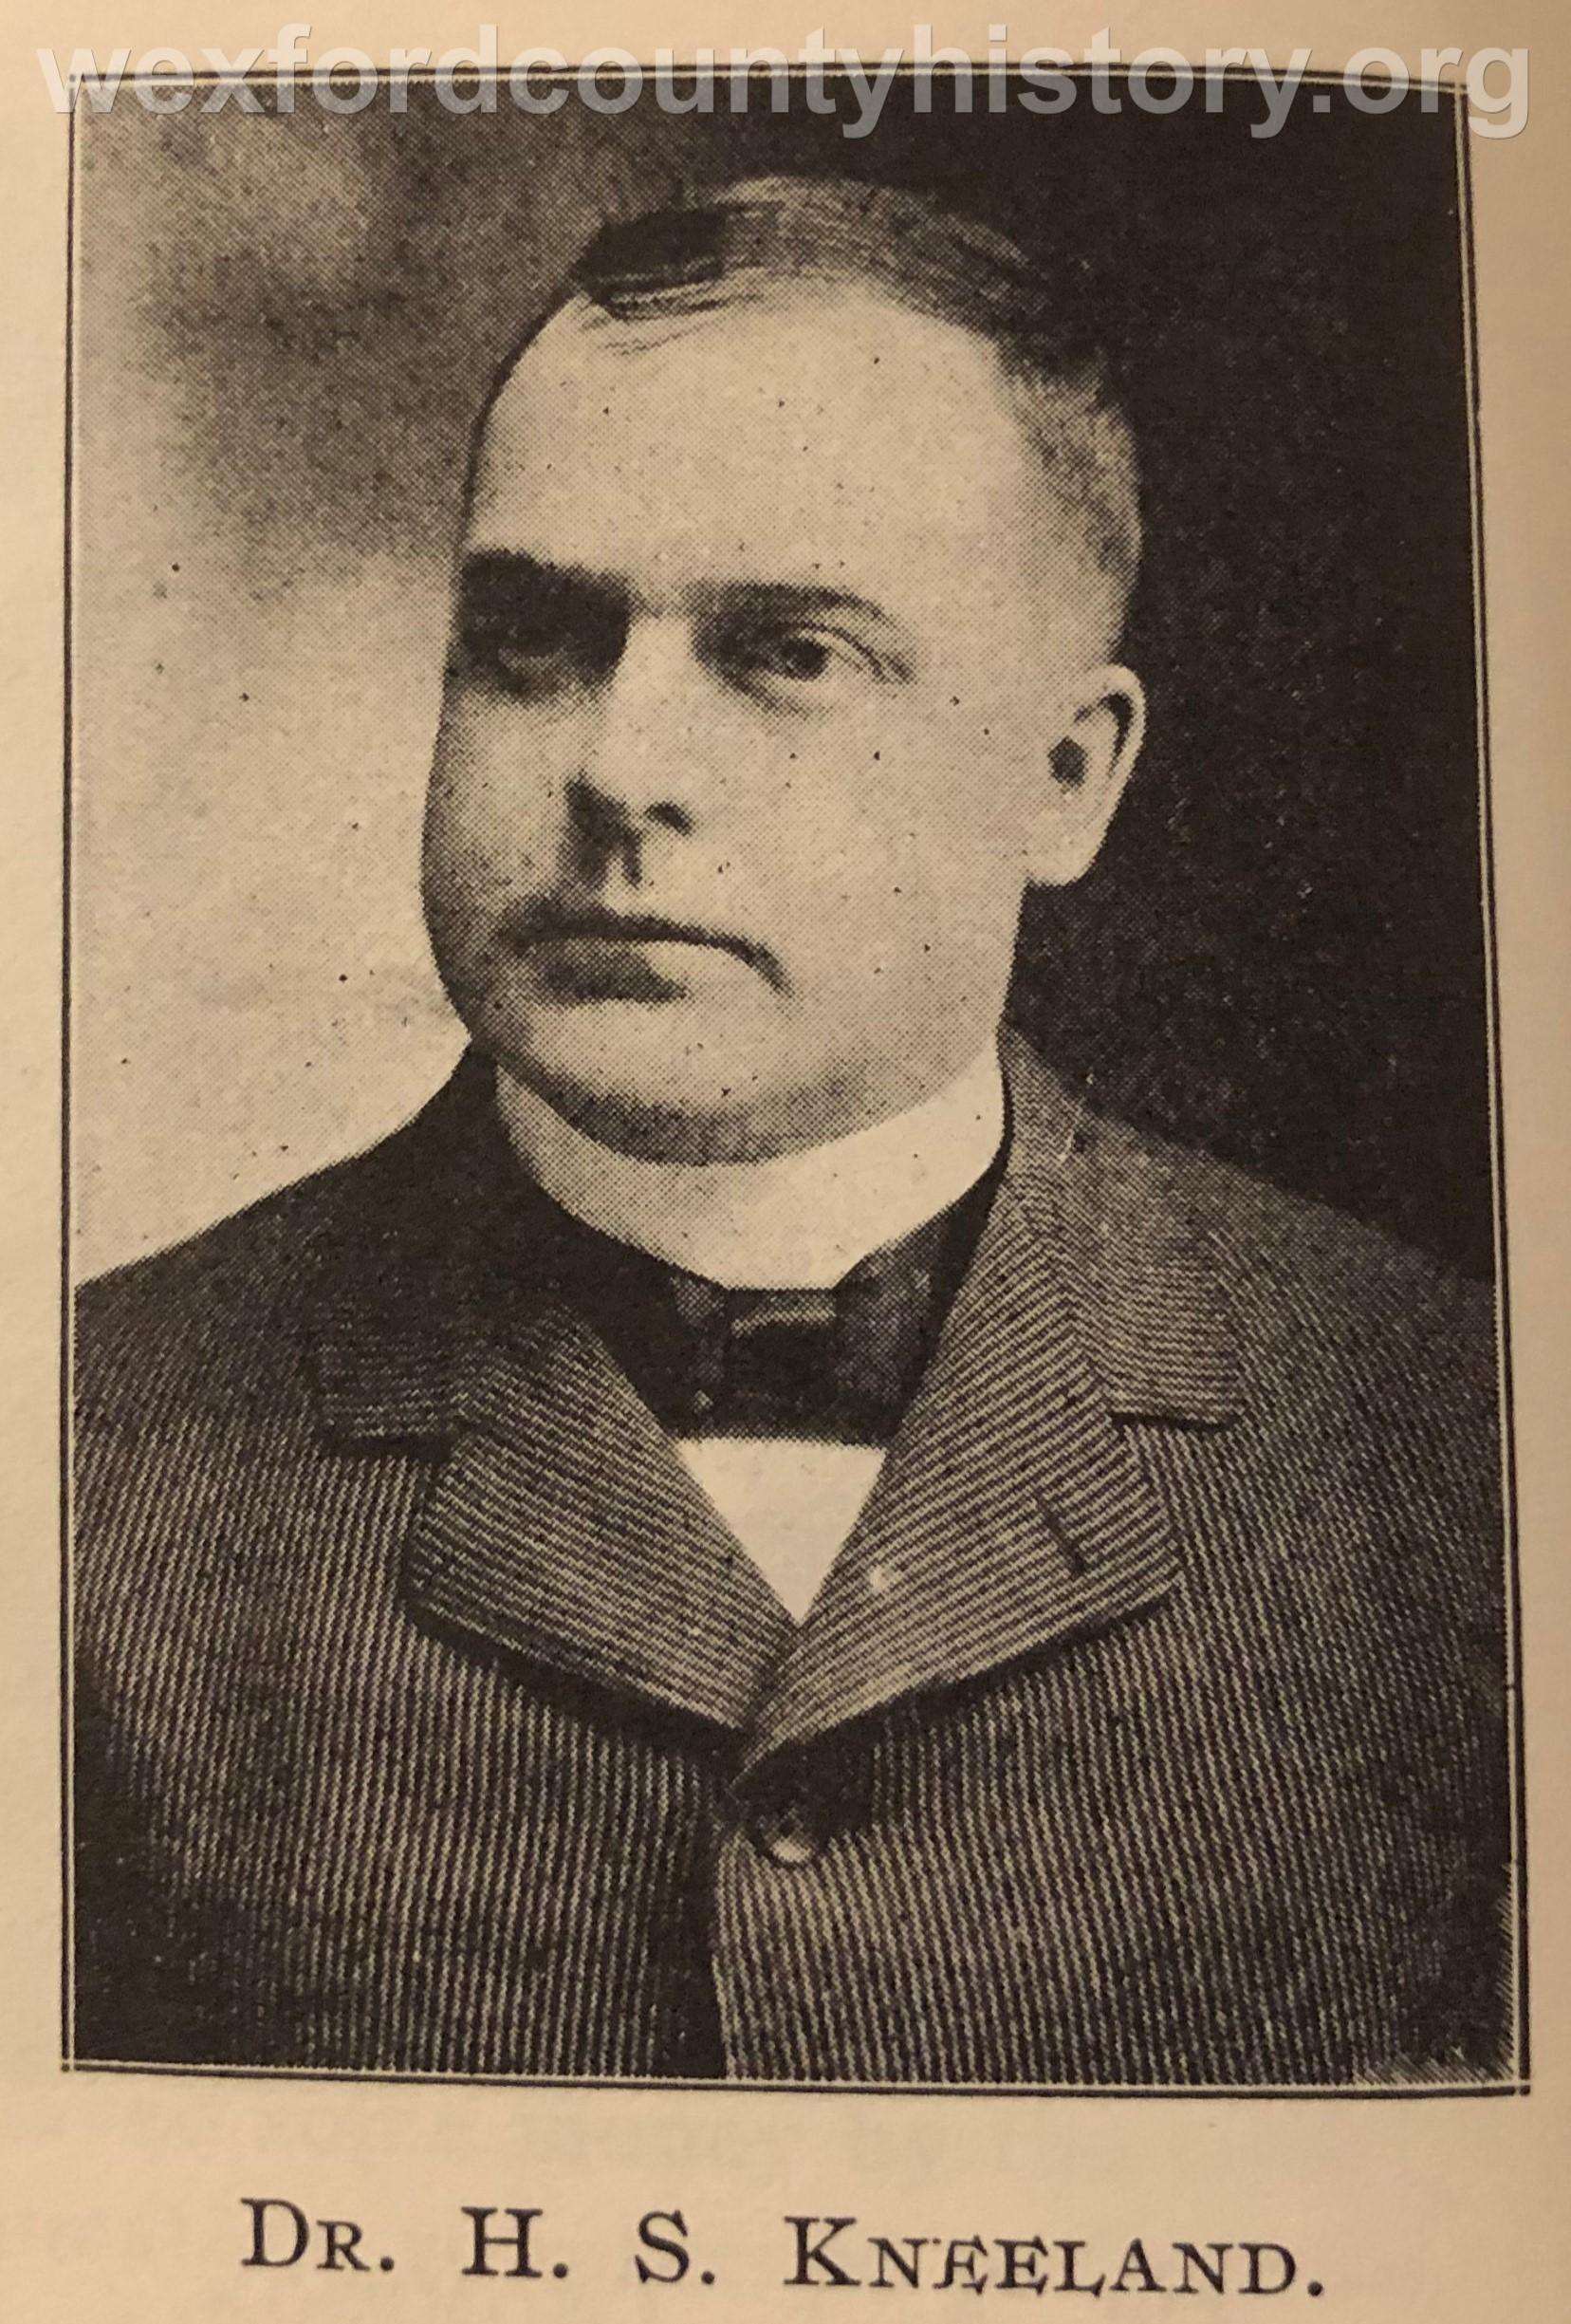 Dr. Kneeland